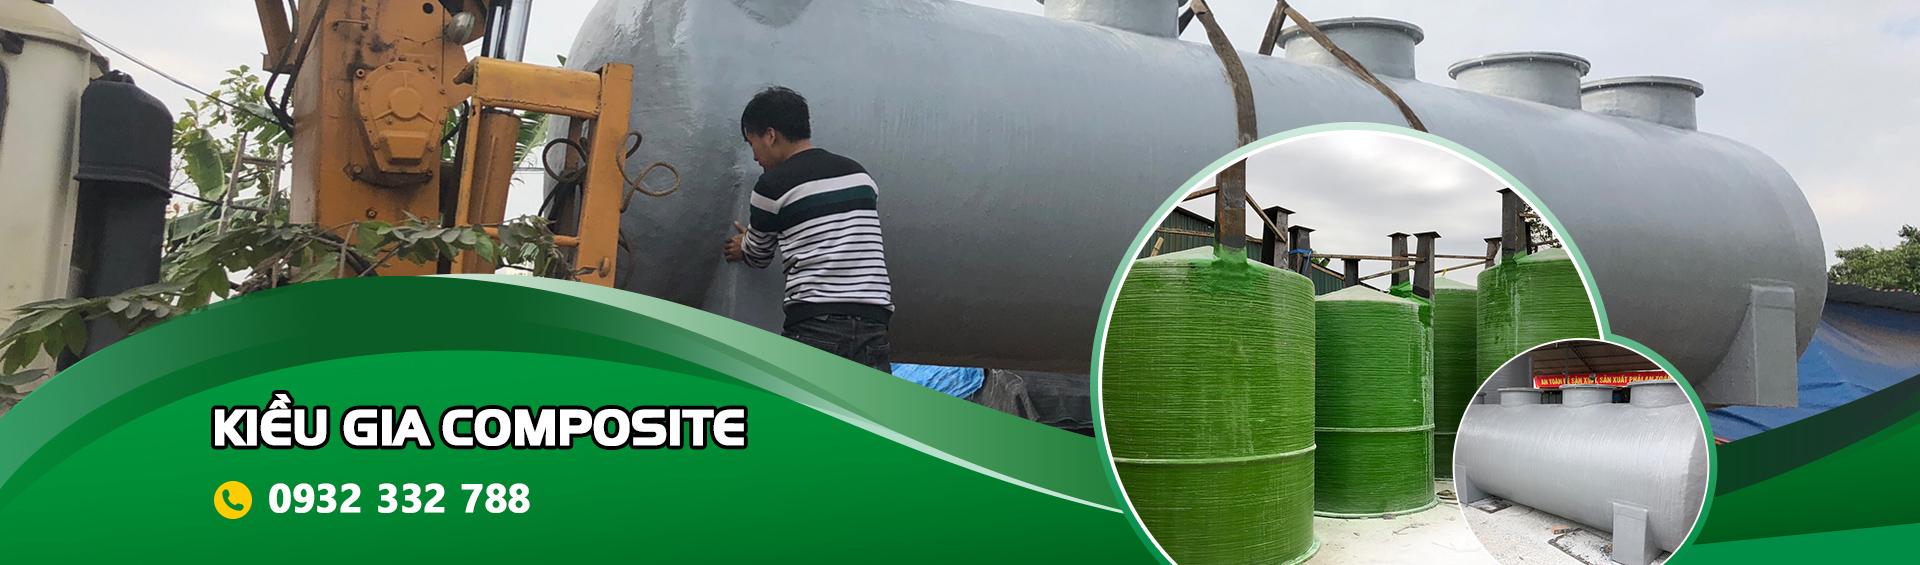 banner-compositevietnam01